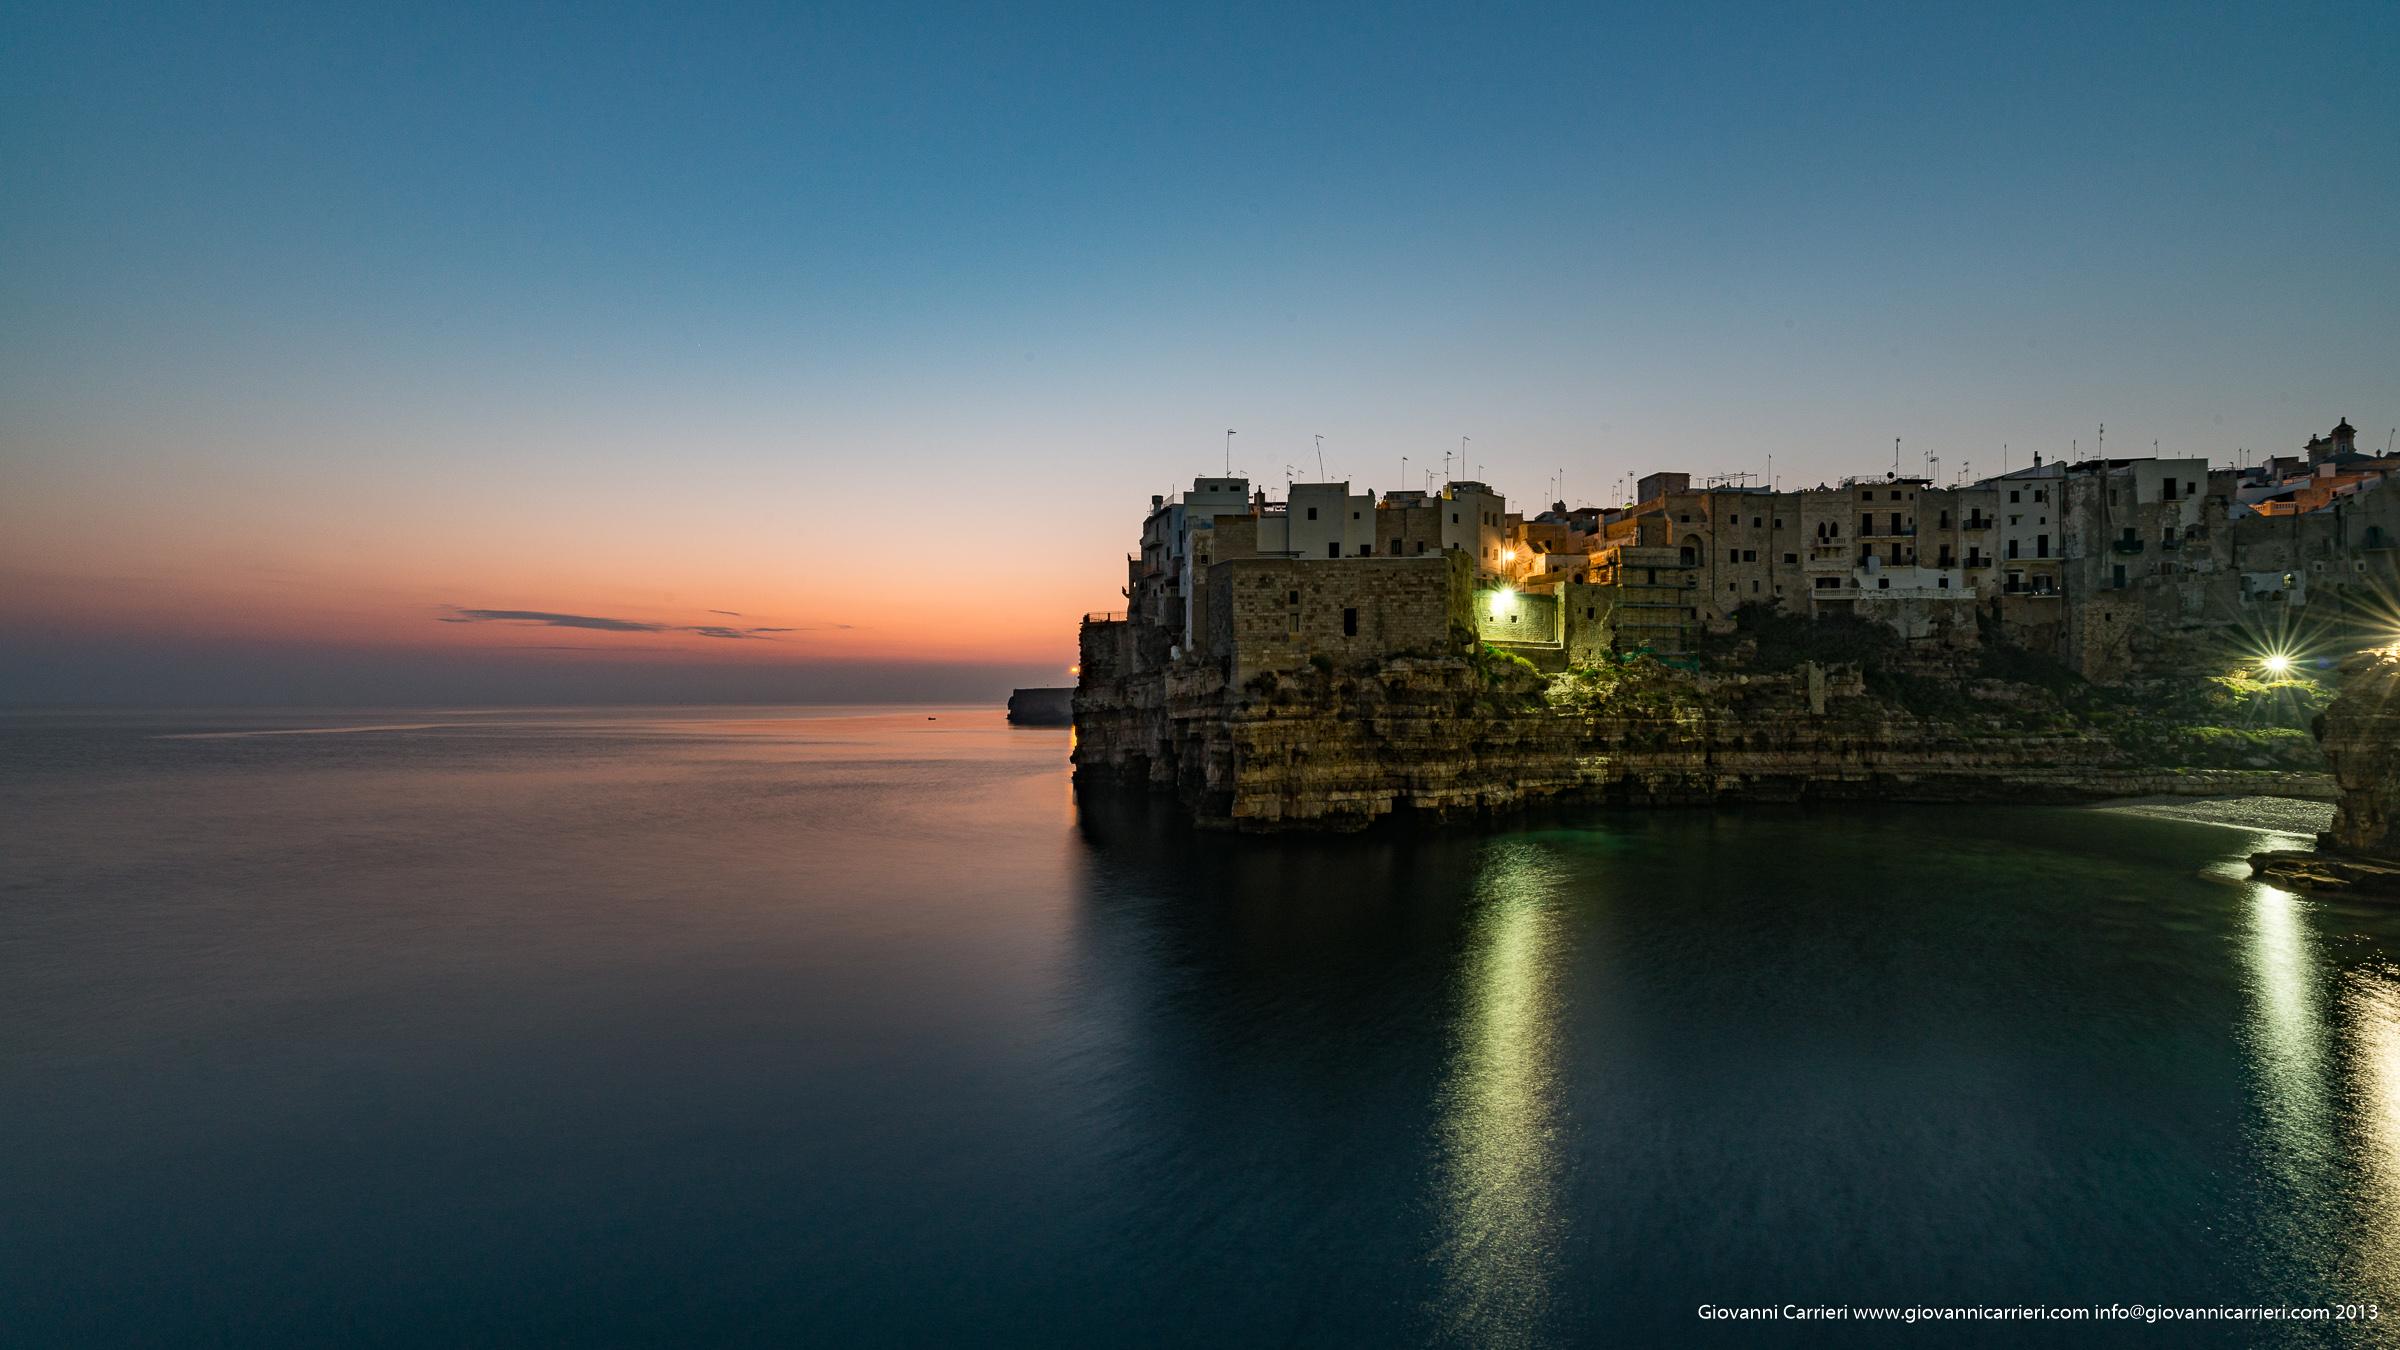 La spiaggia di Polignano a Mare all'alba